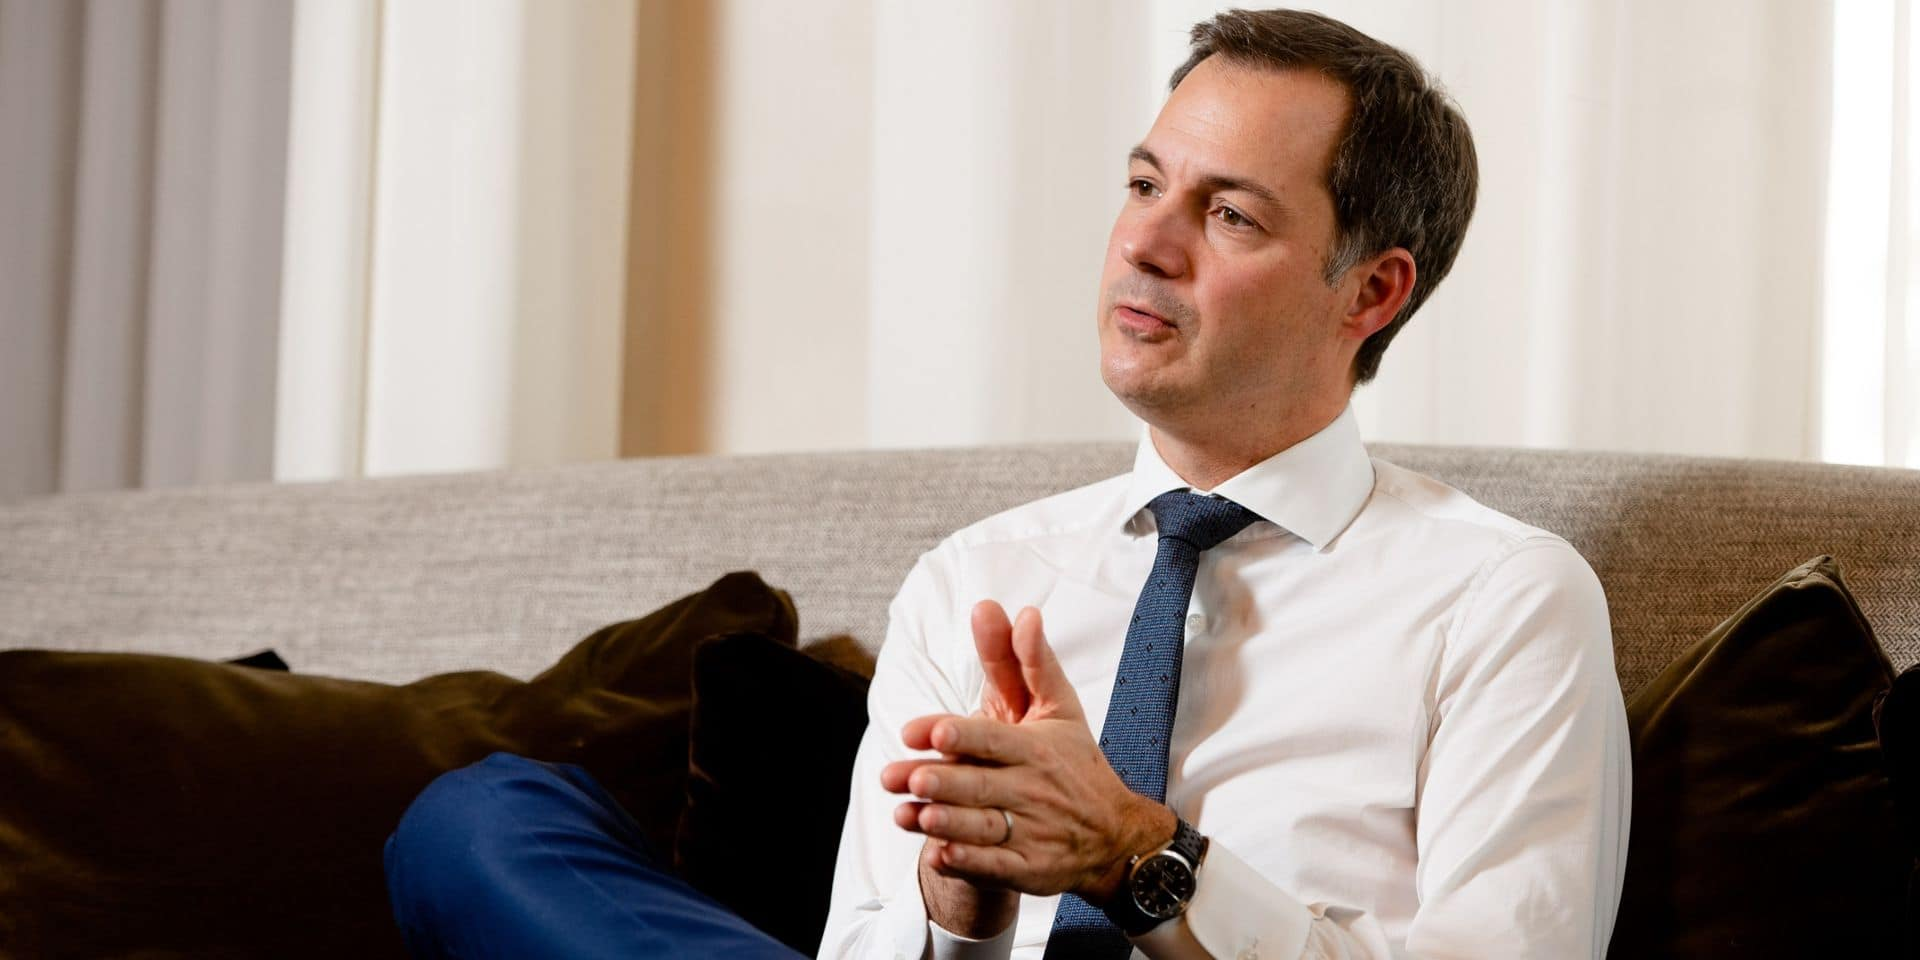 """Alexander De Croo réagit à l'annonce de Jan Jambon: """"Nous ne pouvons pas laisser notre pays se diviser sur la lutte contre le virus"""""""